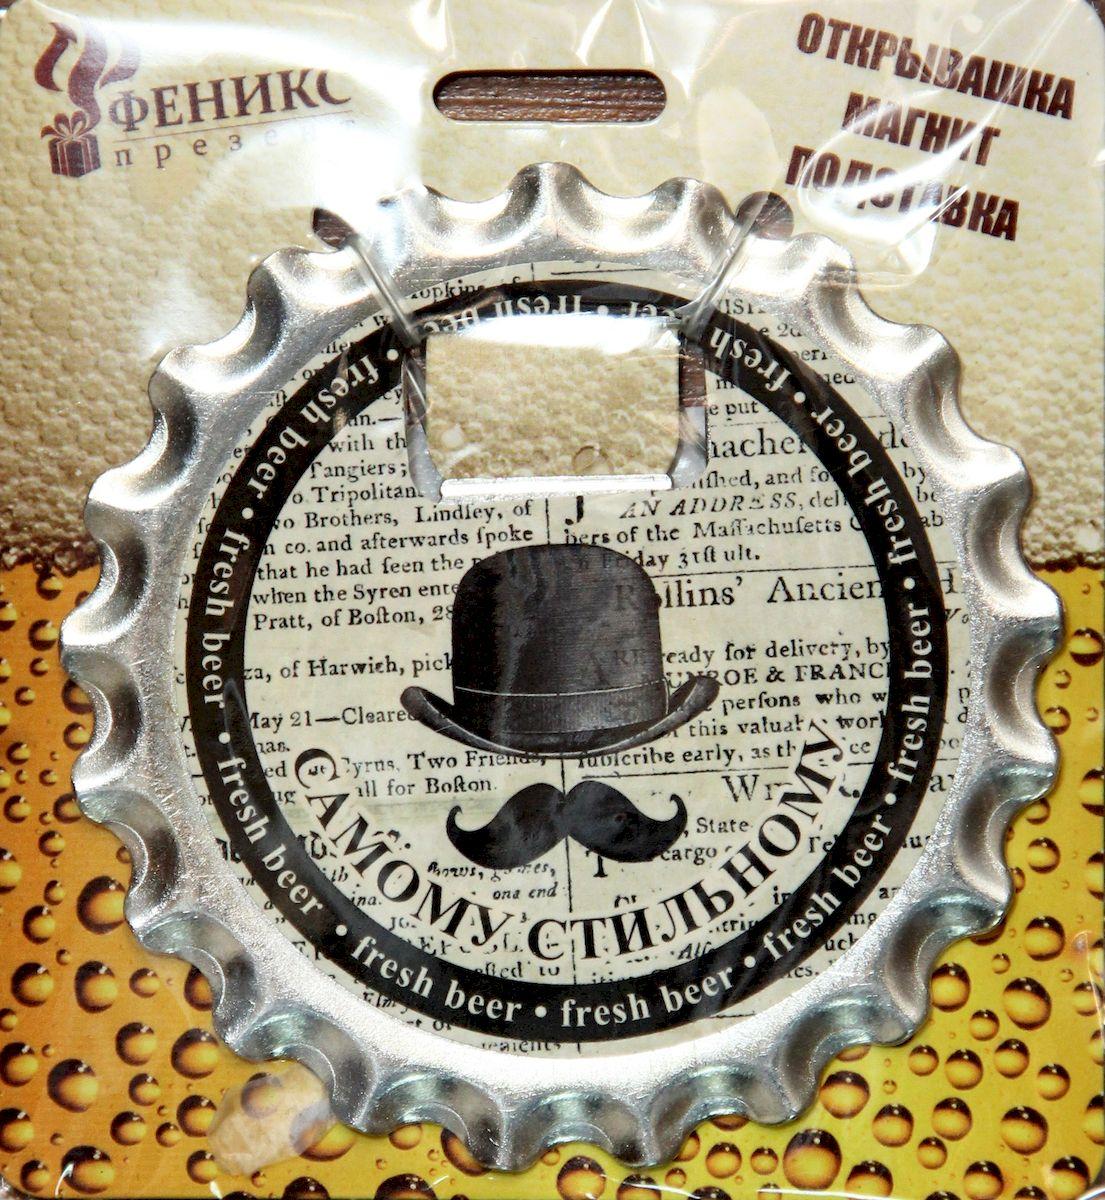 Ключ для открывания бутылок Magic Home Самому стильному, с магнитом ключ для открывания бутылок magic home артем с магнитом